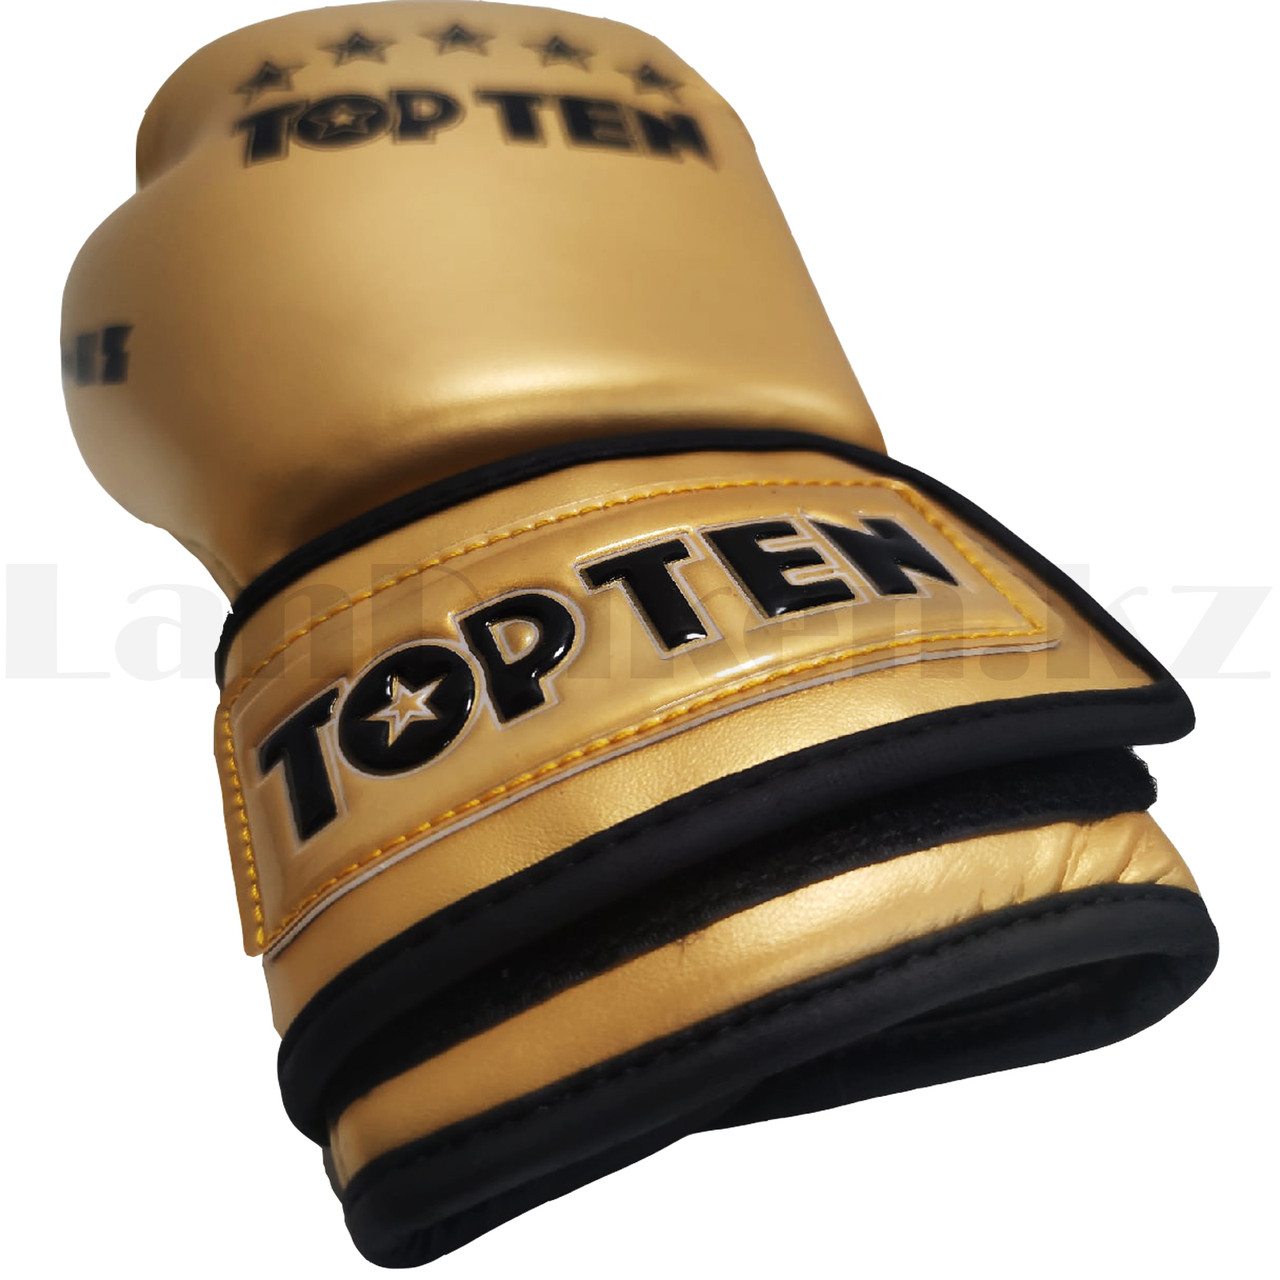 Боксерские перчатки Top Ten 12-OZ золотые - фото 5